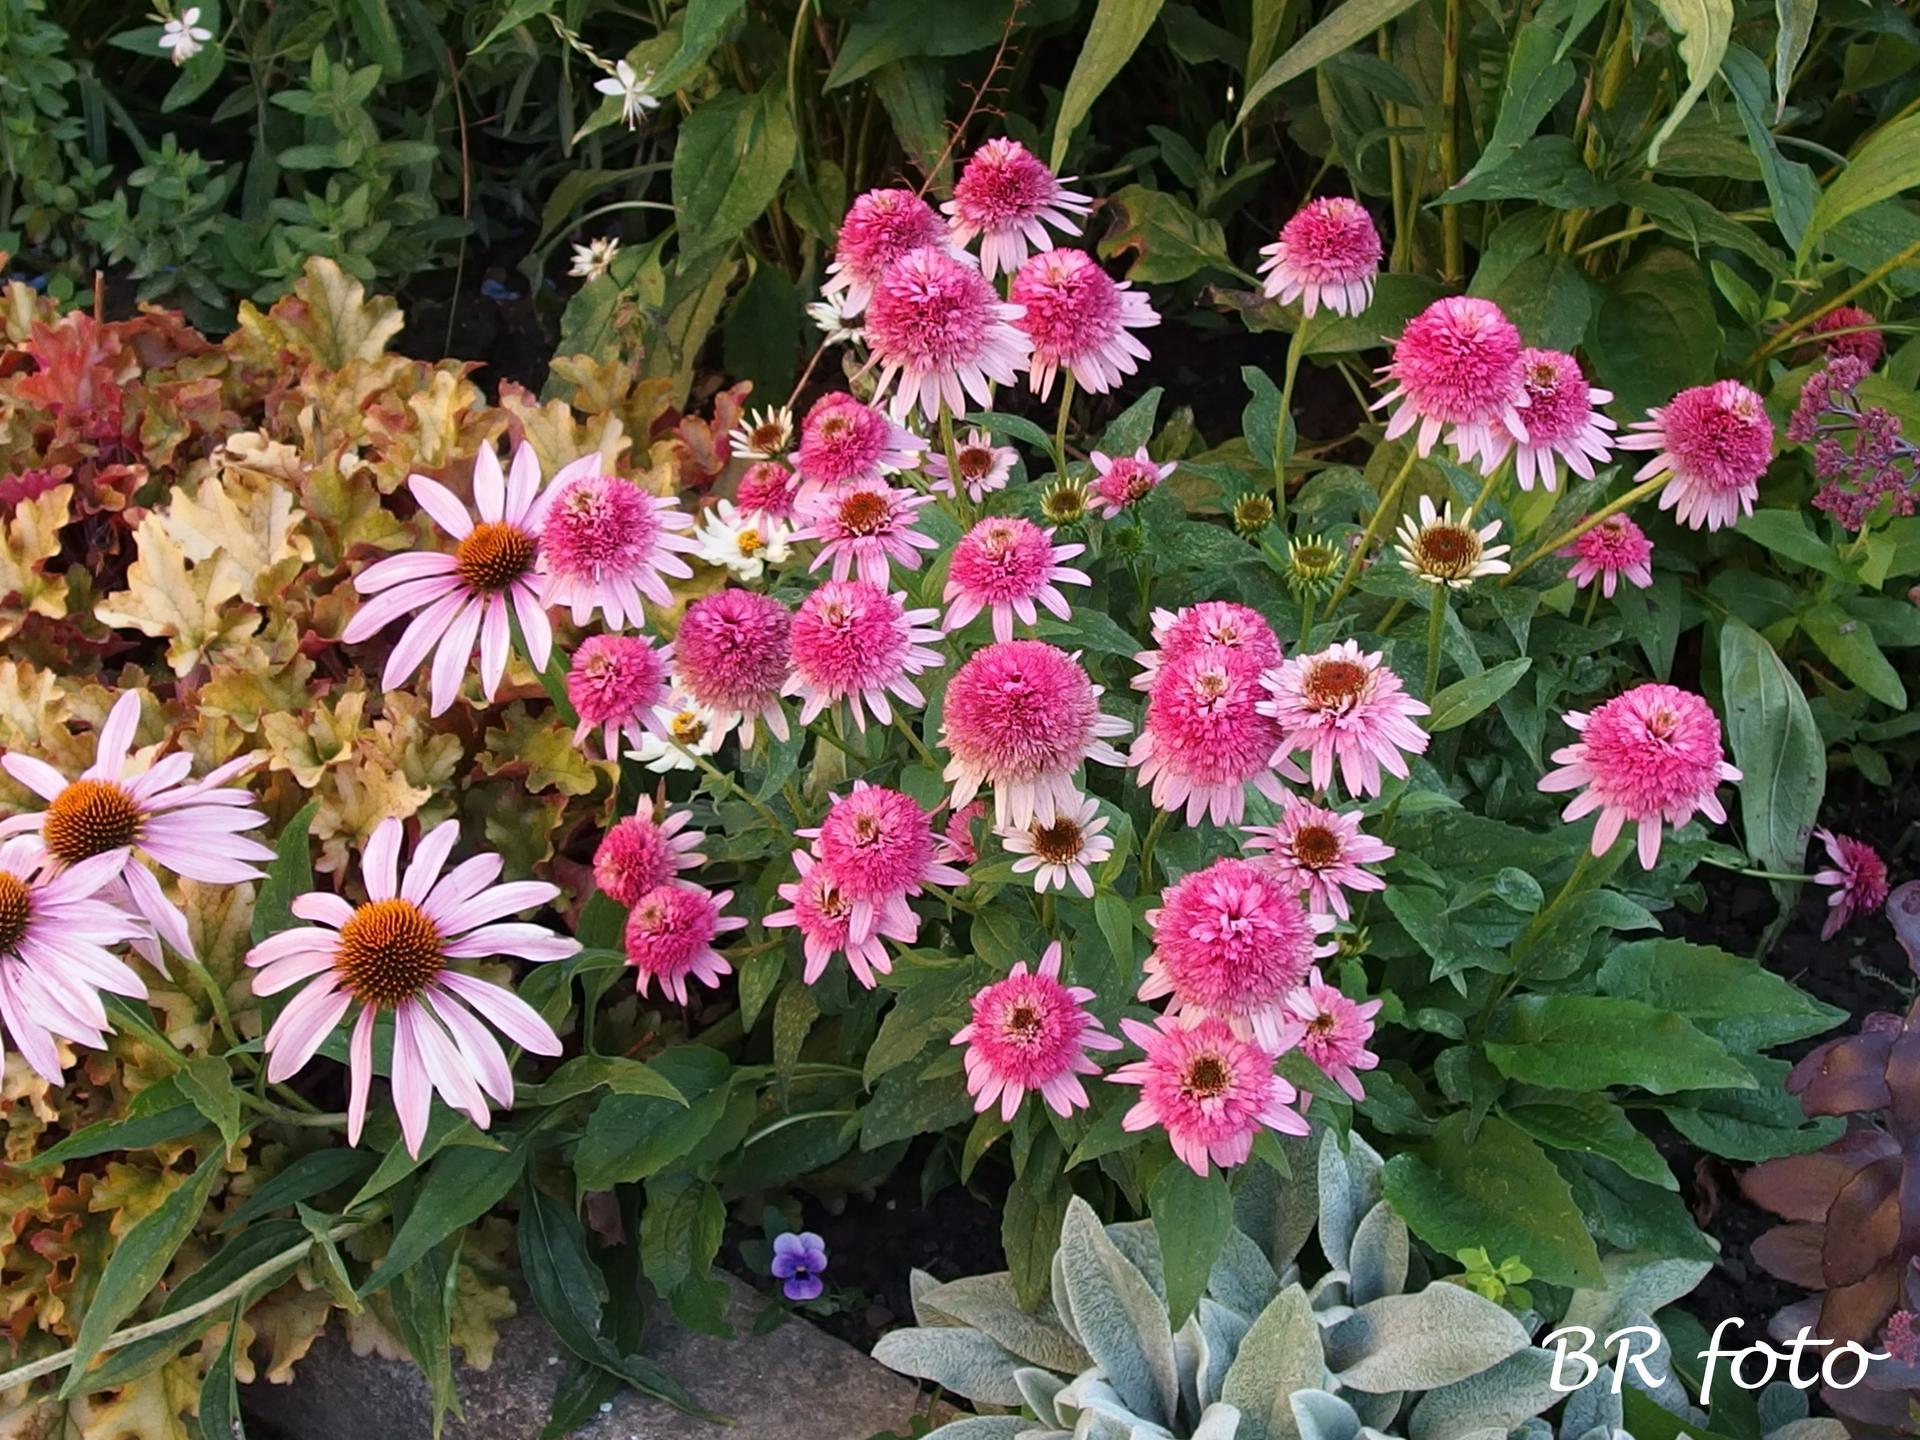 Zahrada v létě - nízká plnokvětá echinacea, daří se jí už několik let